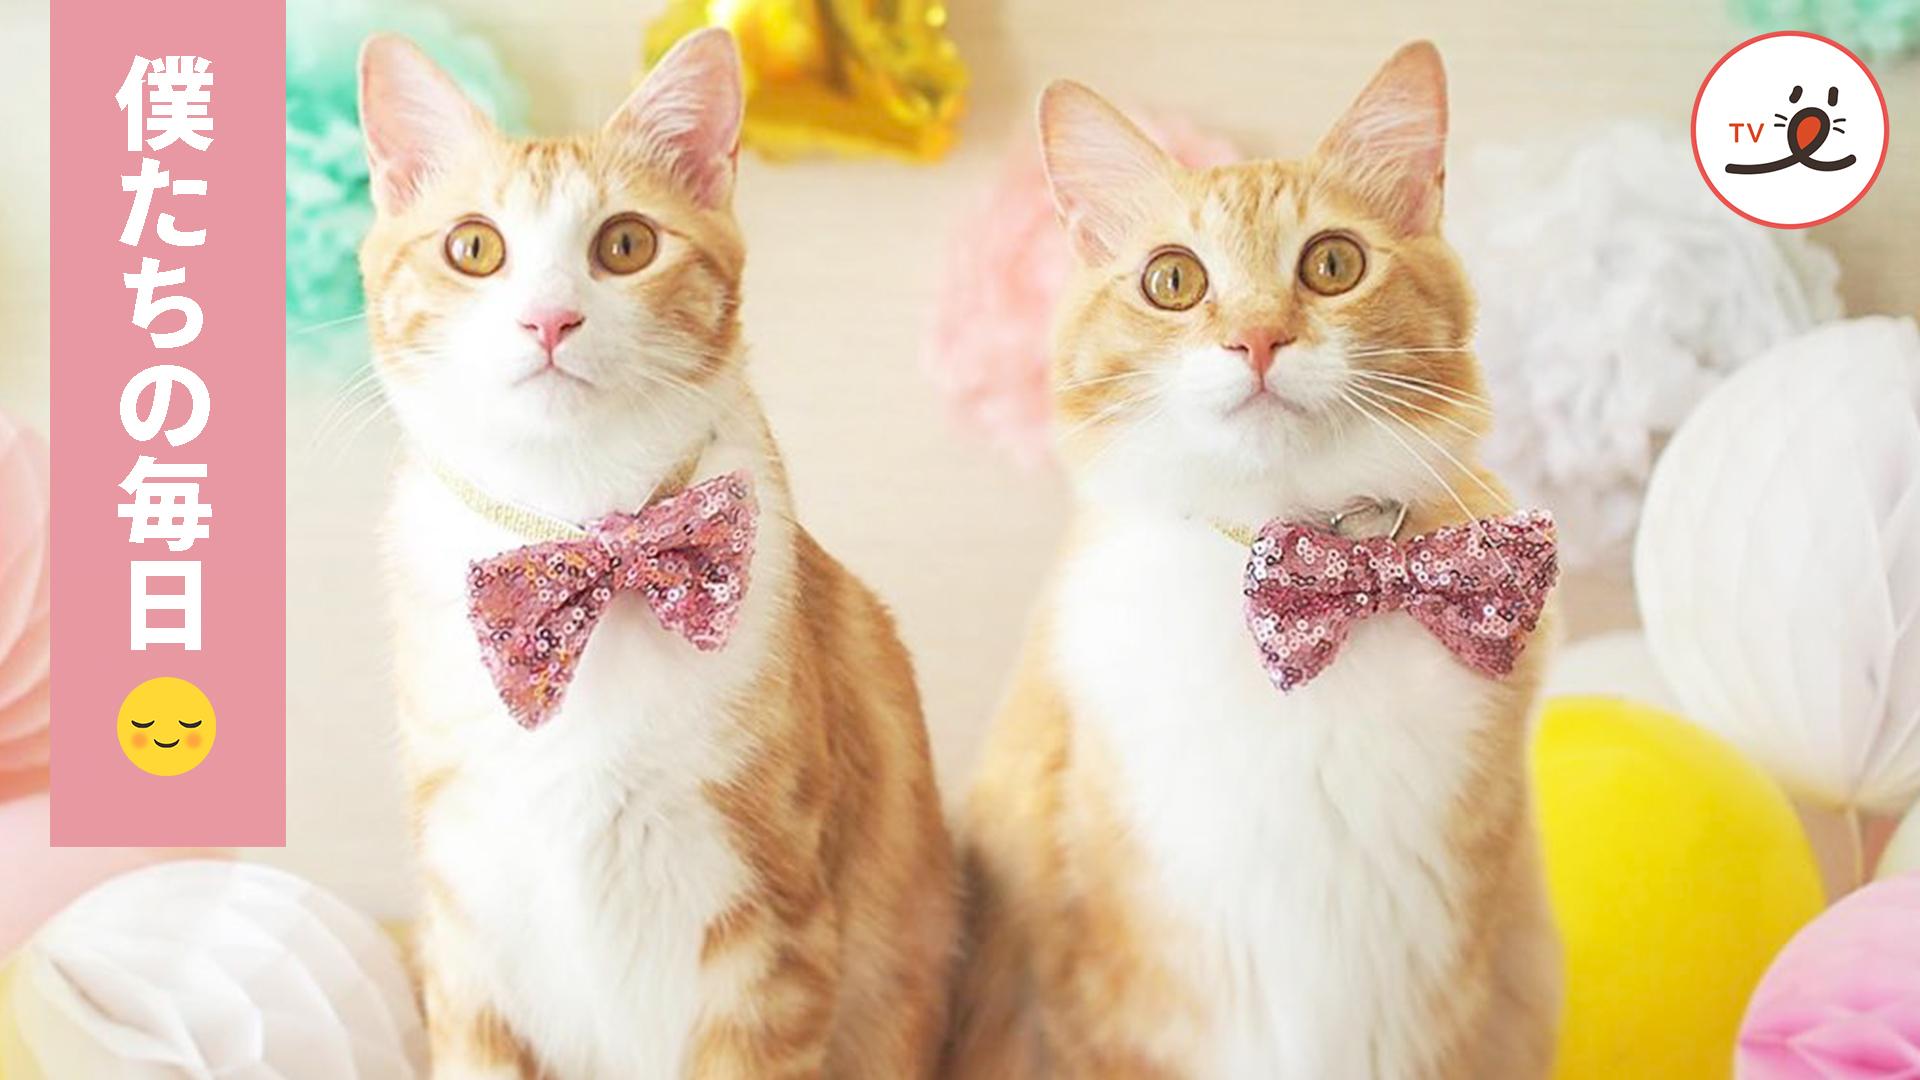 どんな時でも一緒にいるよ✨ 保護猫兄弟の心温まる毎日☺️🌼